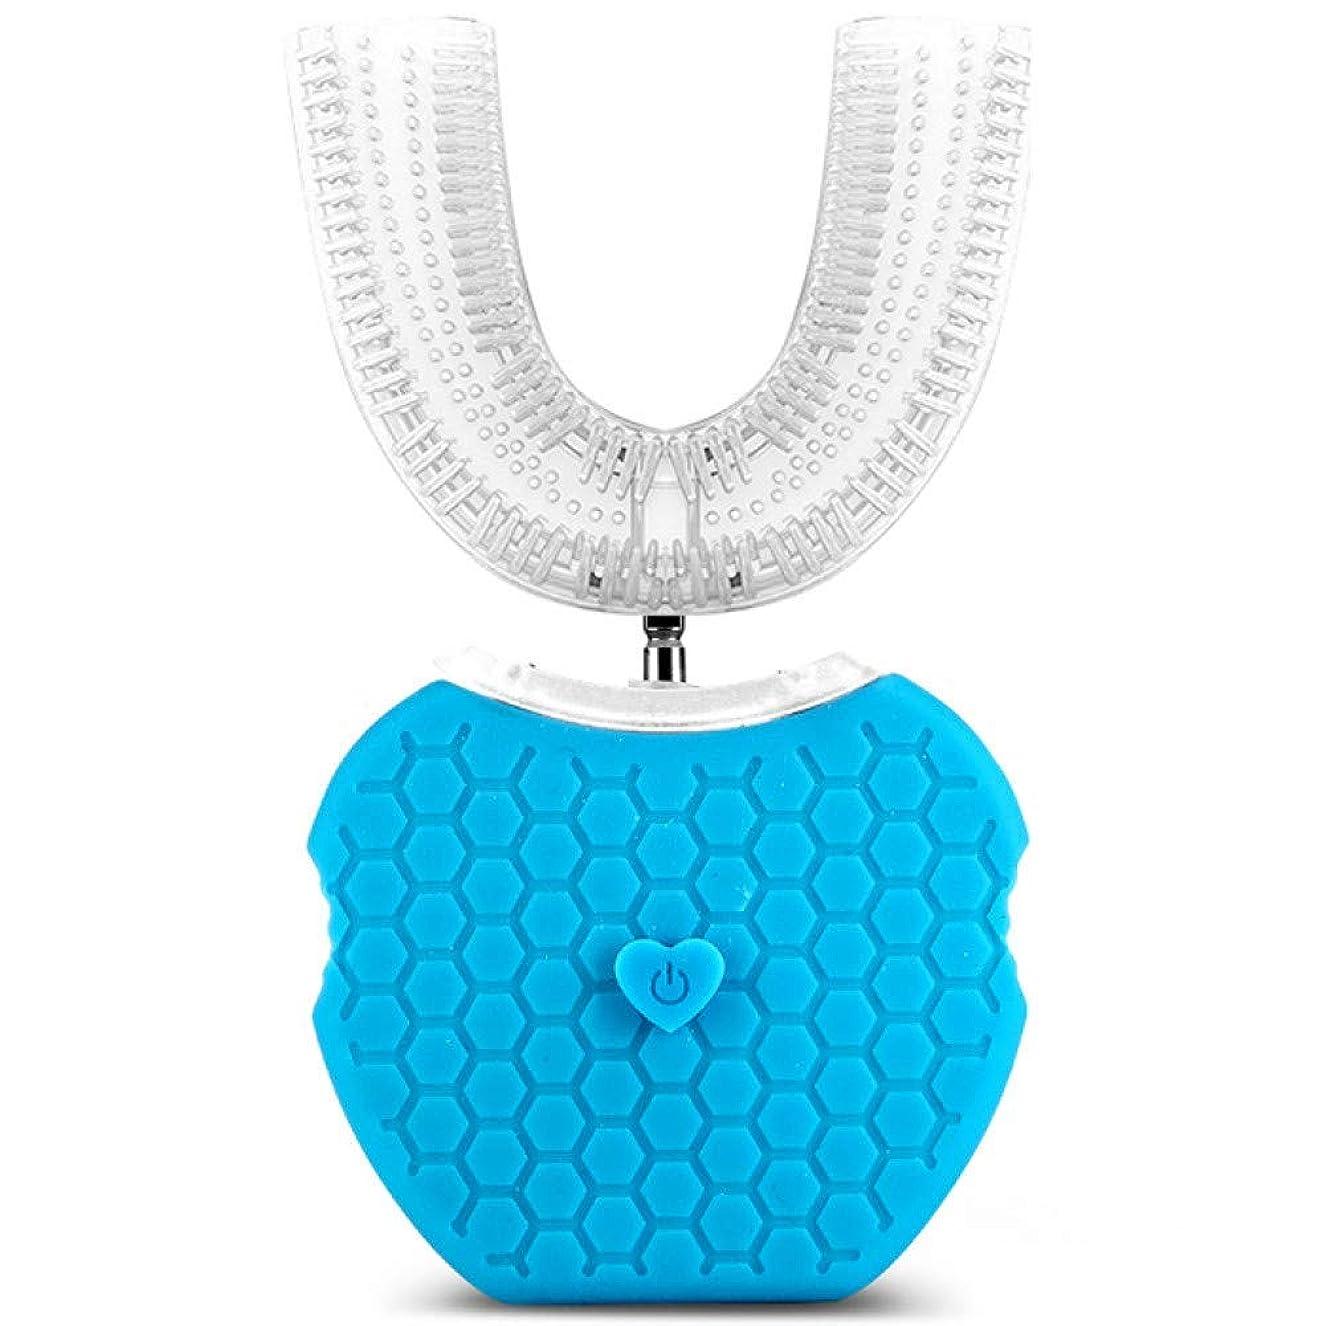 複製広々哲学的4ギアUタイプブルーライトブライトホワイトソニック自動360デgrees電動歯ブラシ、青